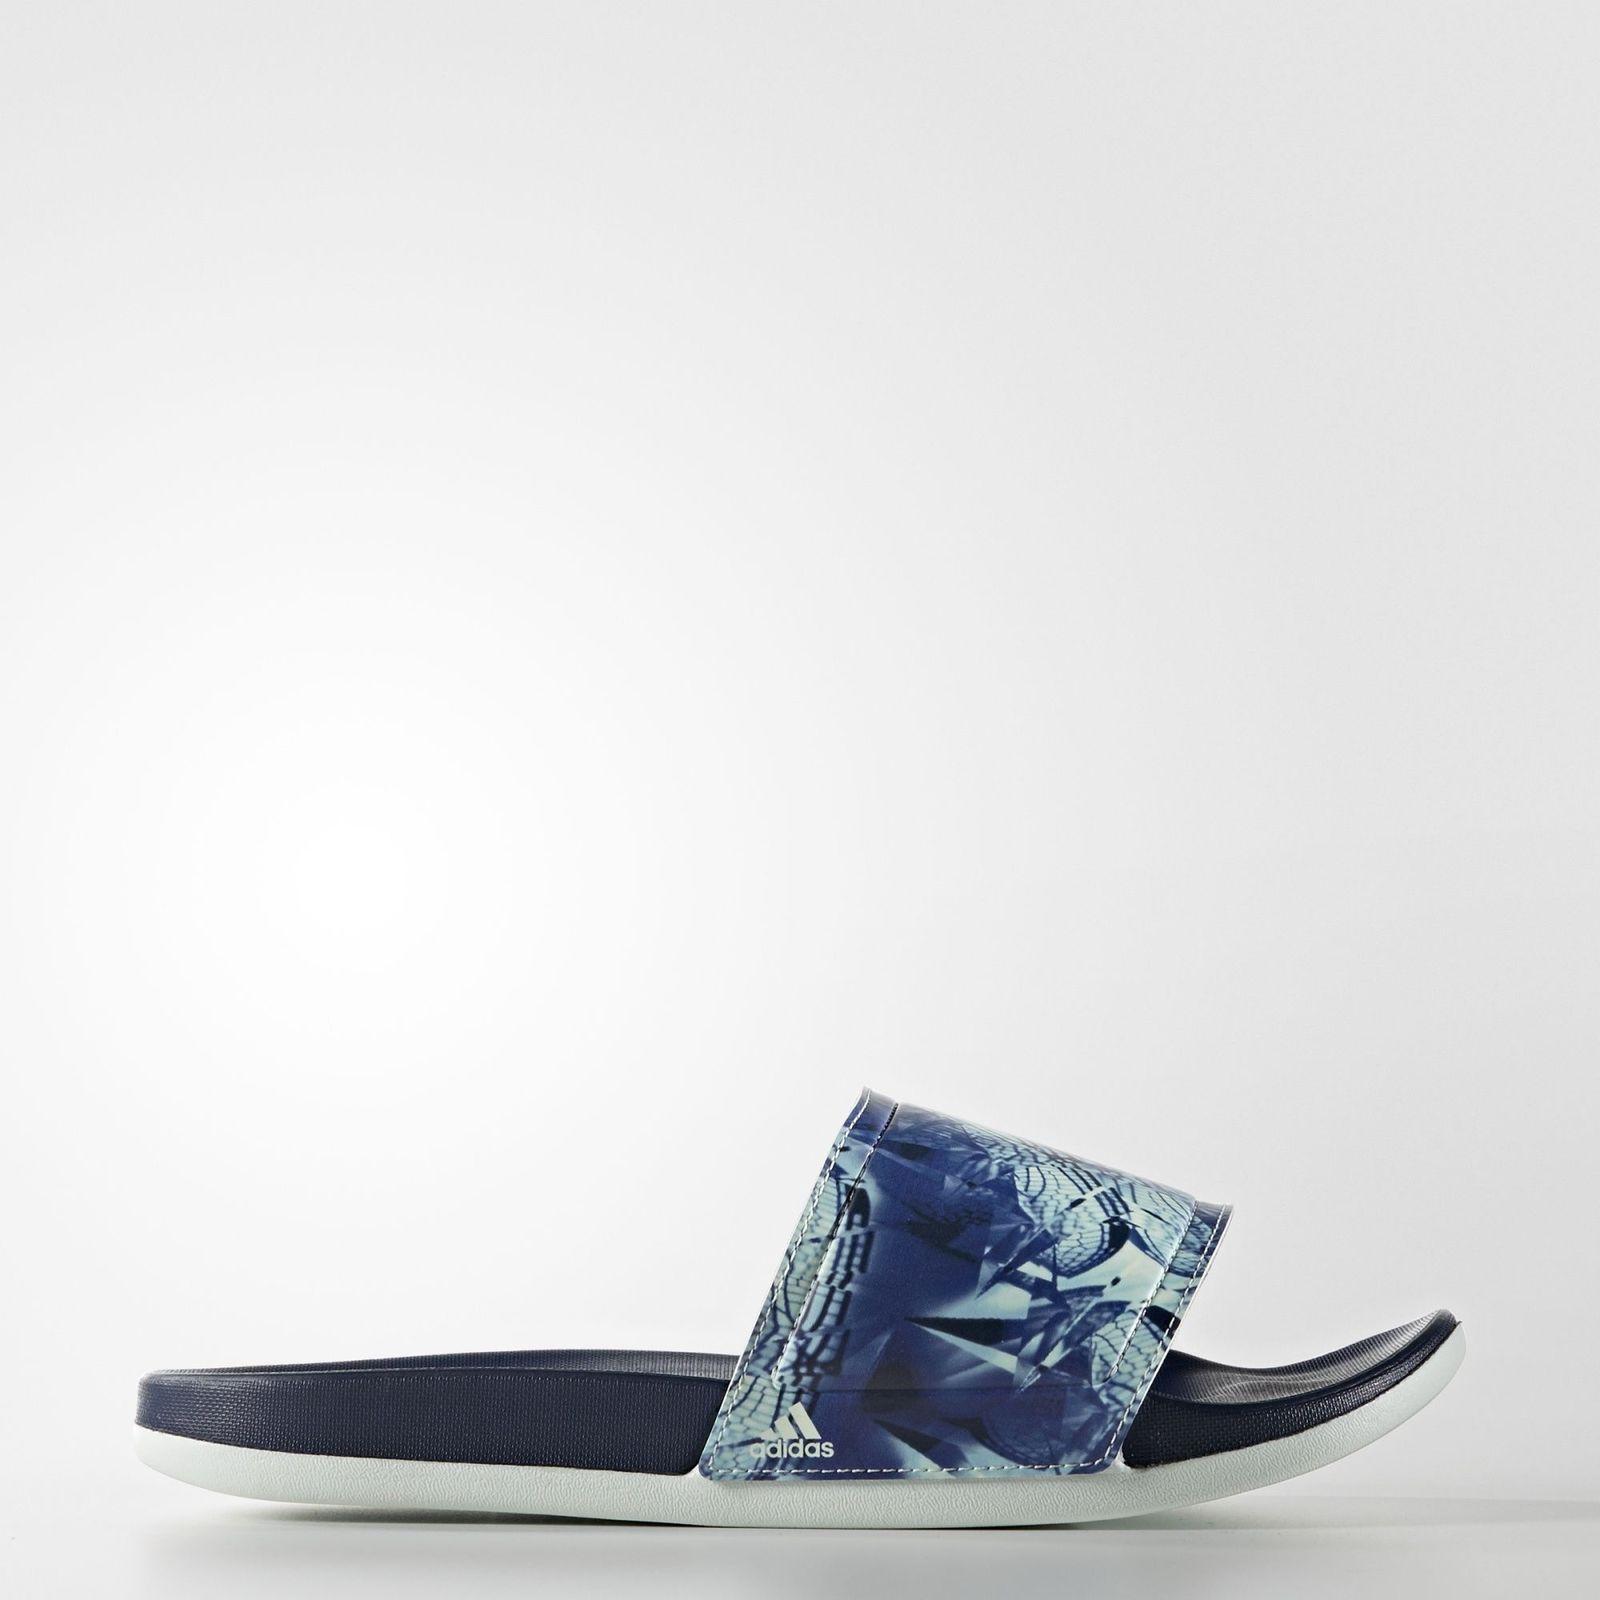 new styles 7e20e f8a04 16.99 USD  adidas adilette Cloudfoam Ultra Slides Womens  adidas  adilette cloudfoam